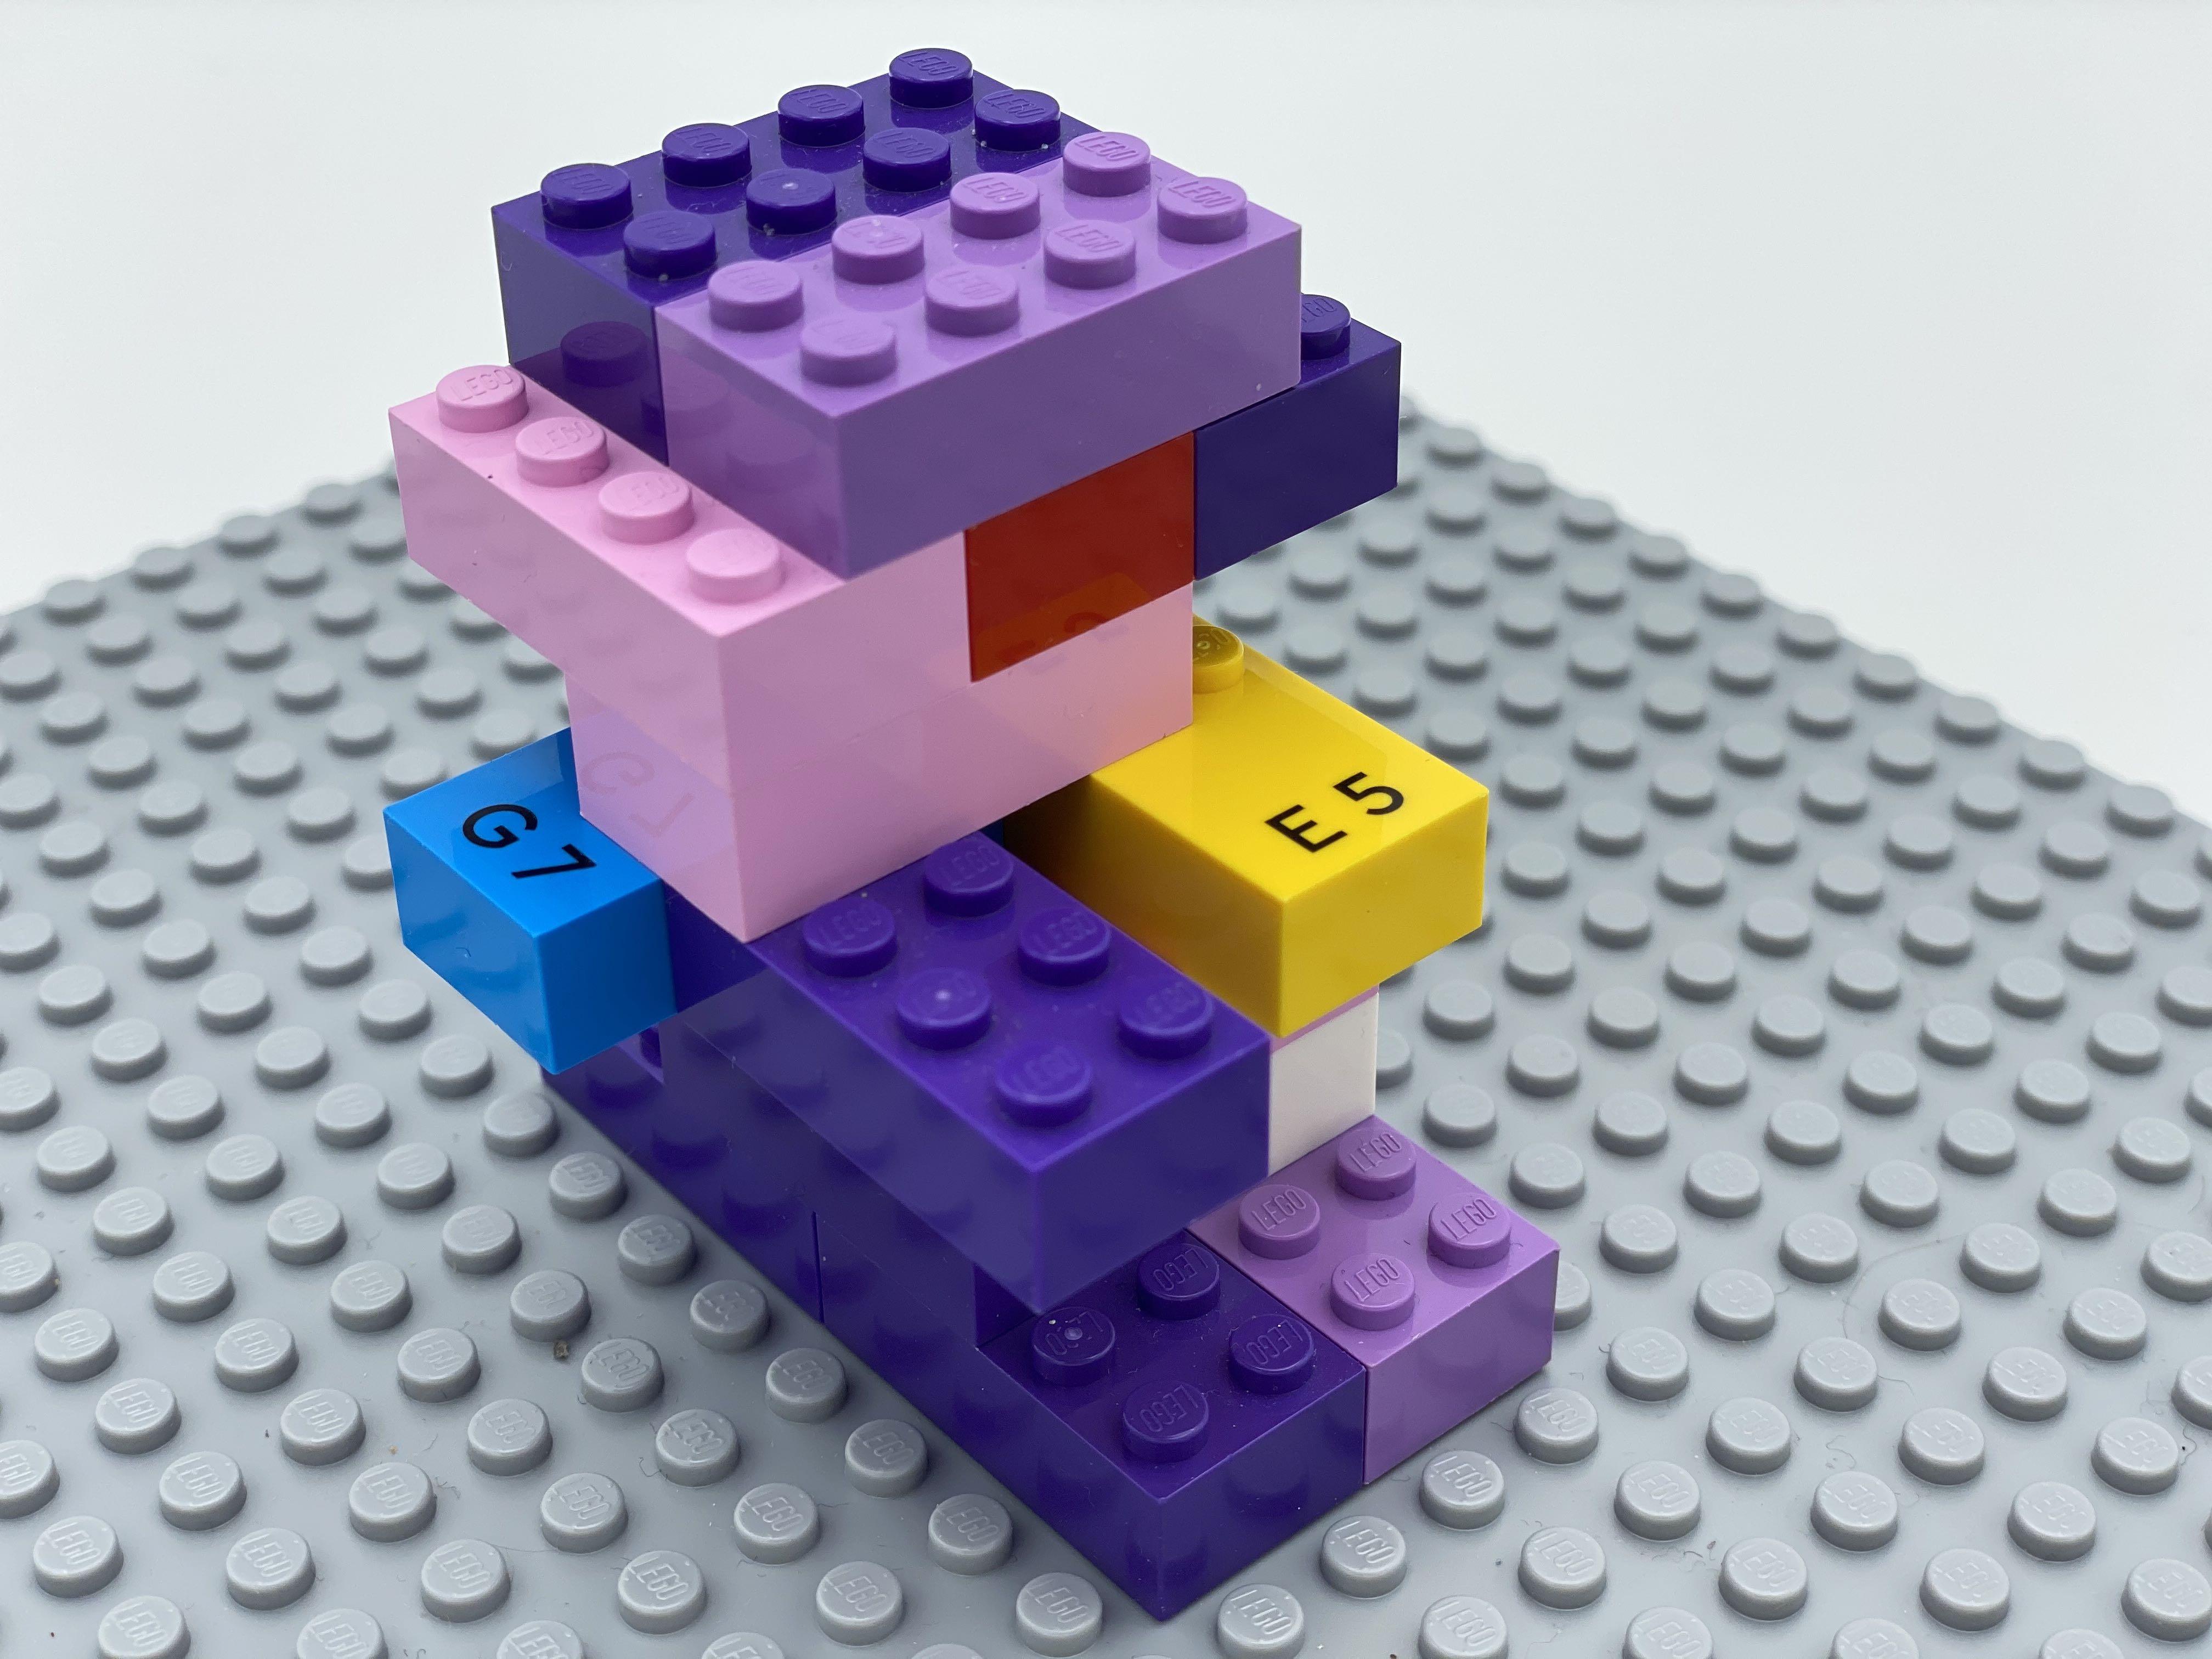 Letter bricks g, a, t, e hidden in a construction made of standard 2x4 LEGO bricks.